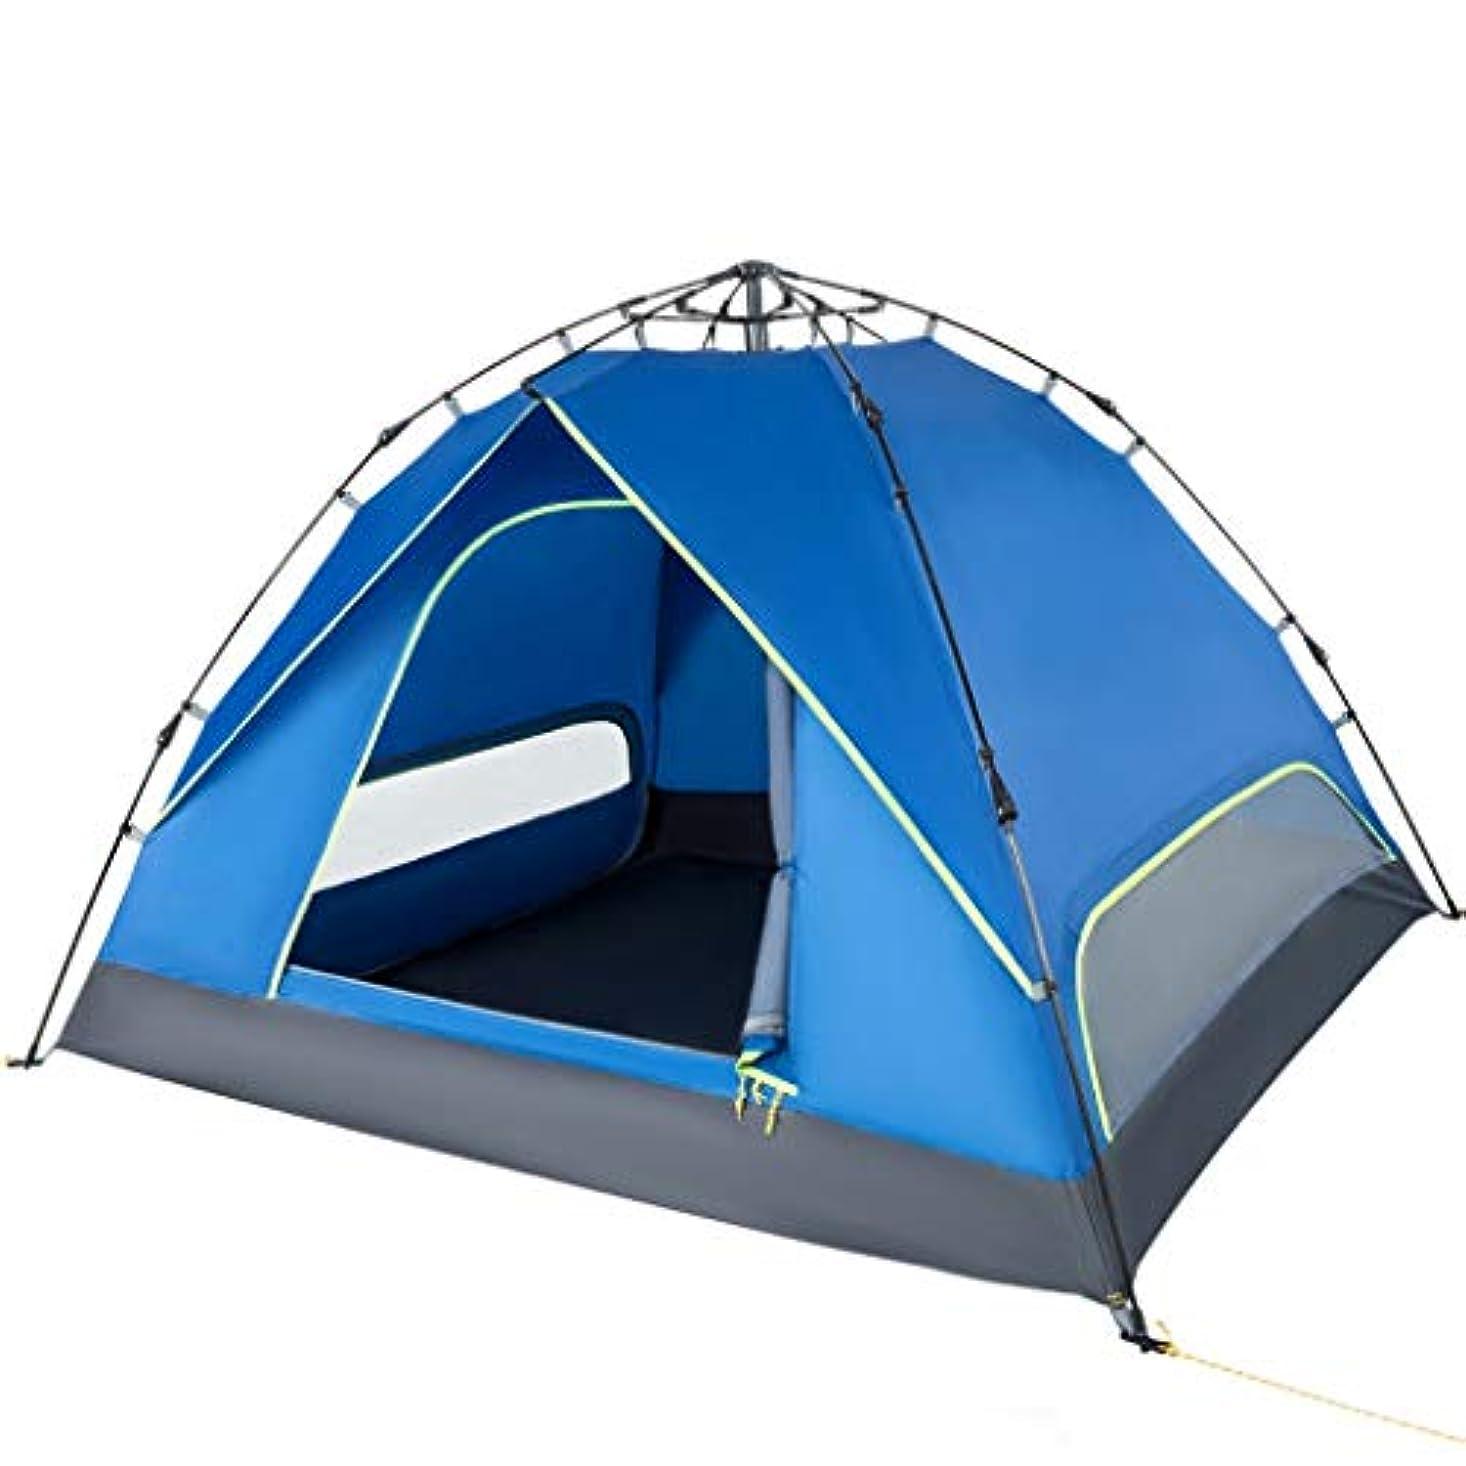 データベースクルーズ毛布テント 屋外テント自動ワンタッチフィールドキャンプキャンプ折りたたみビーチテント大スペース3-4人青